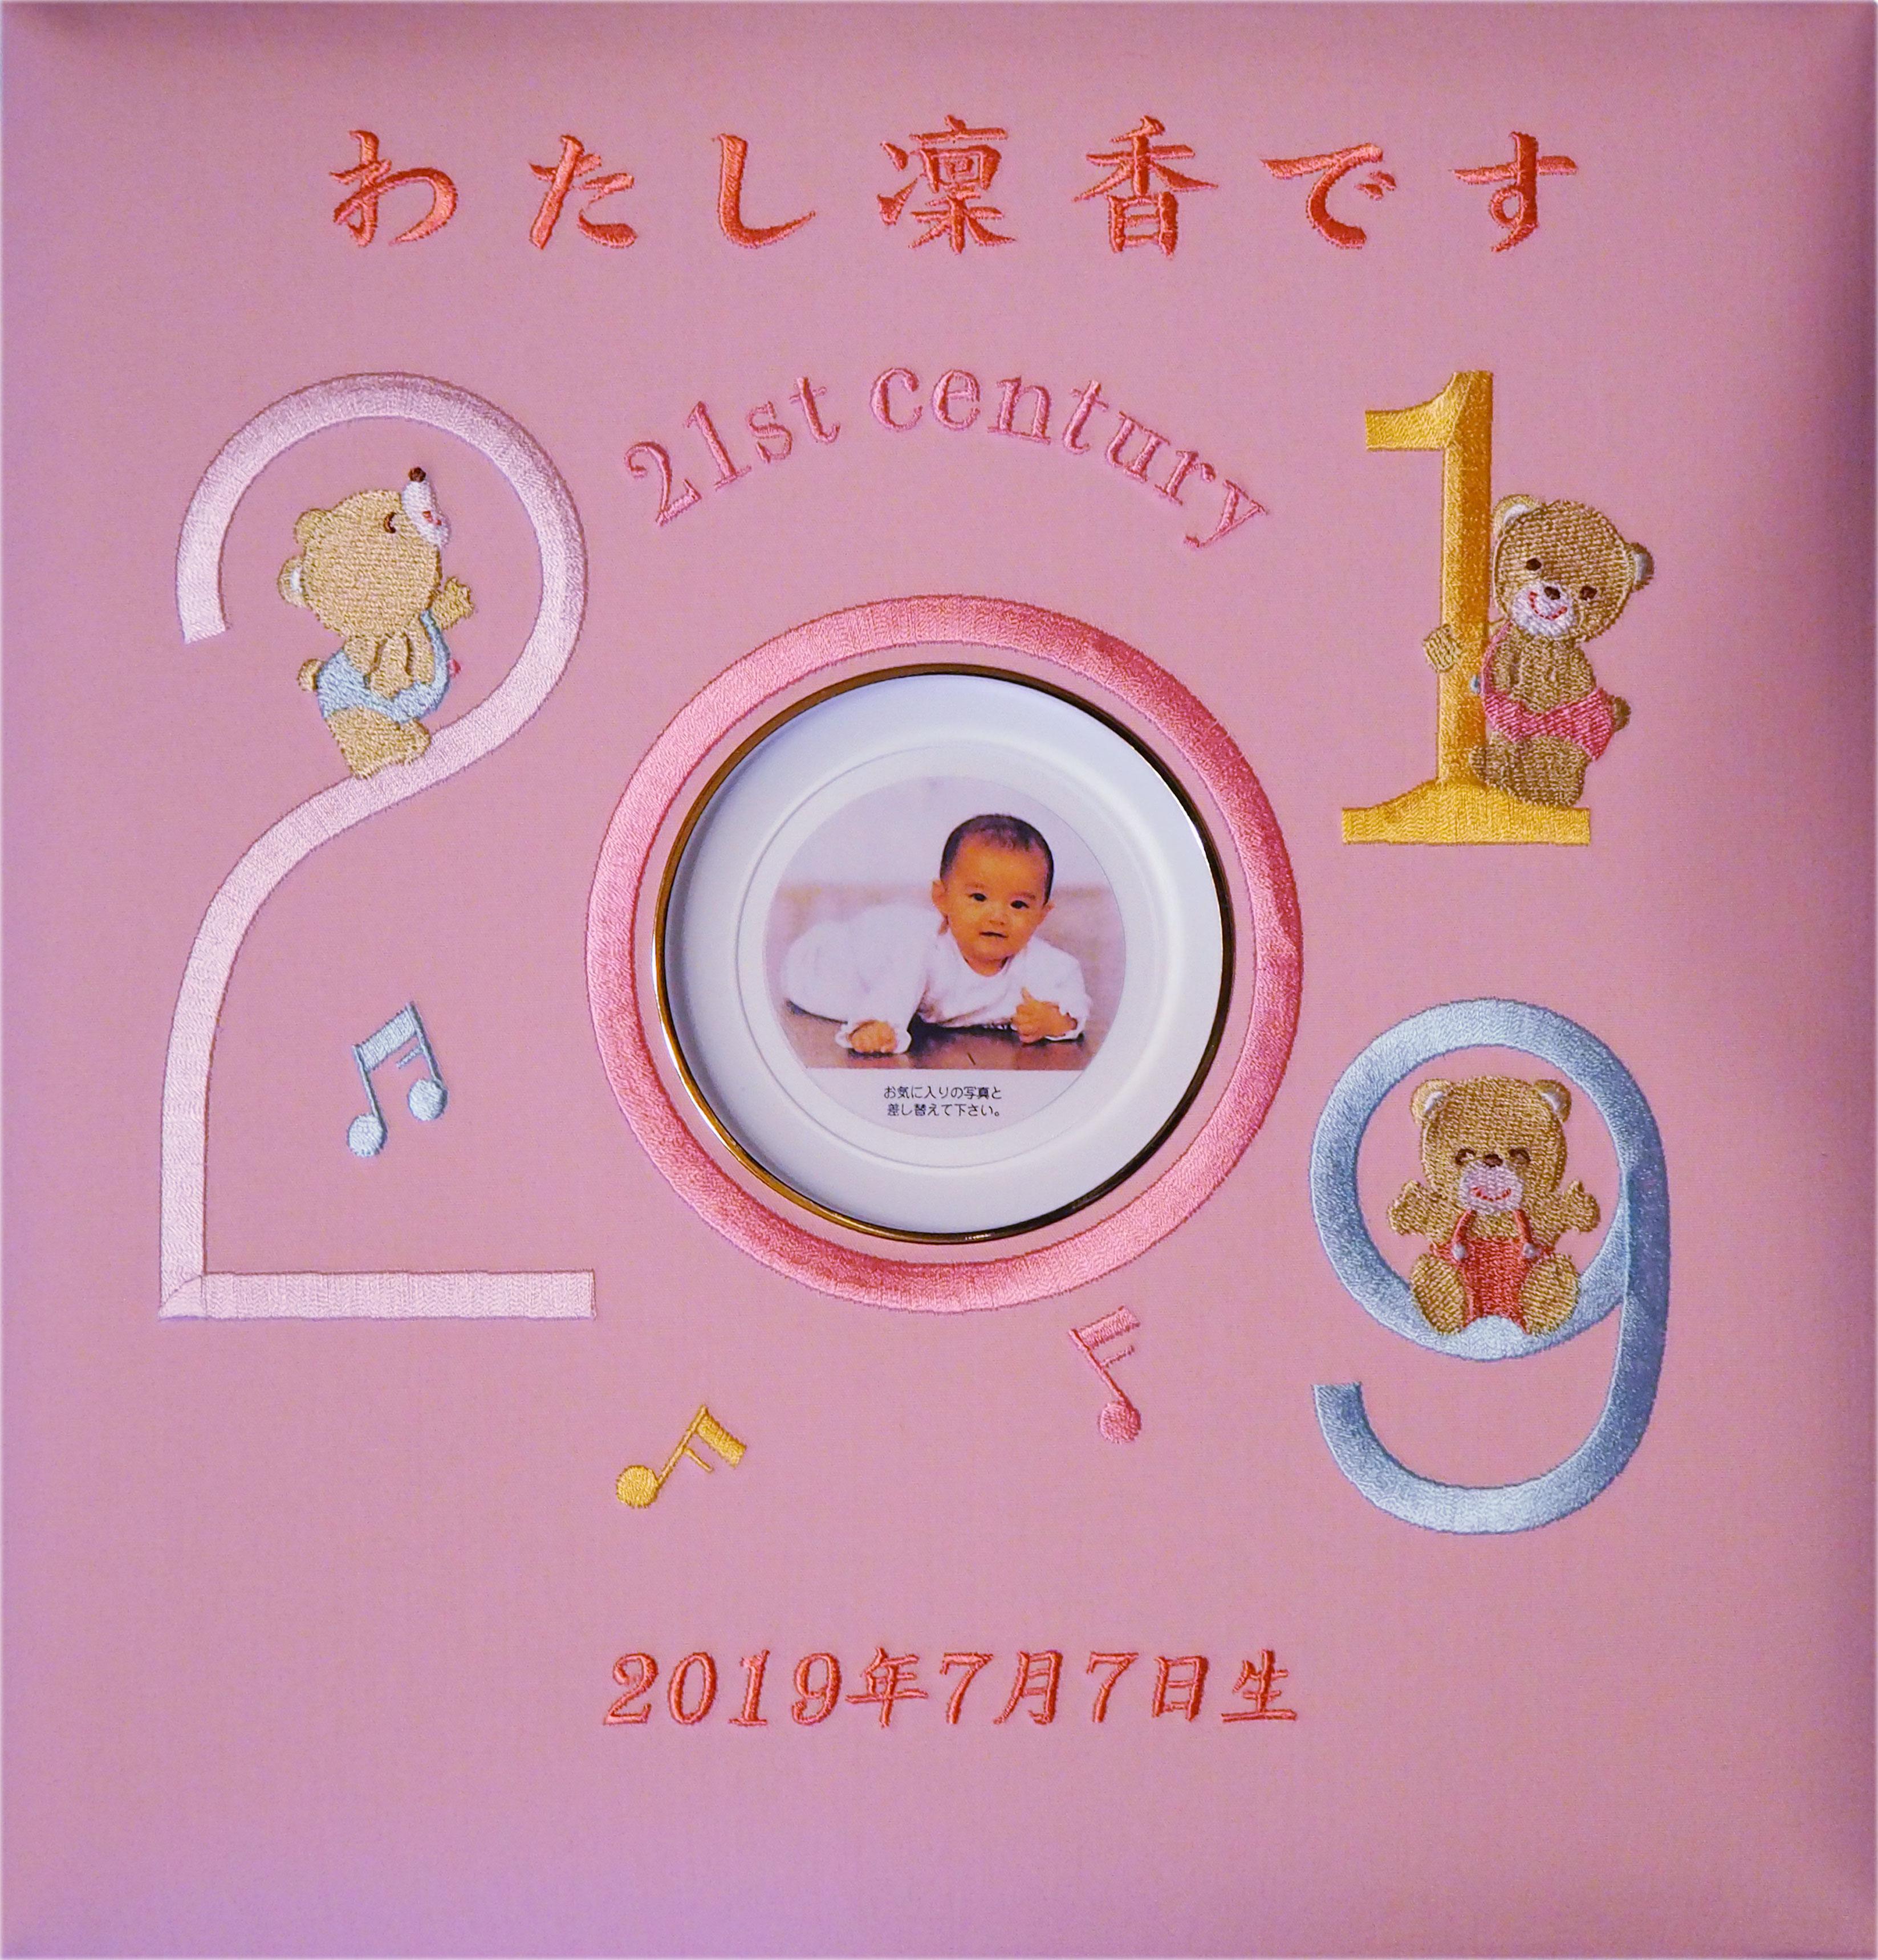 出産祝いに 名入れベビーアルバム★ハッピーアルバム(千代田アルバム) [センチュリー2019・ピンク](LB70-2019-A)|